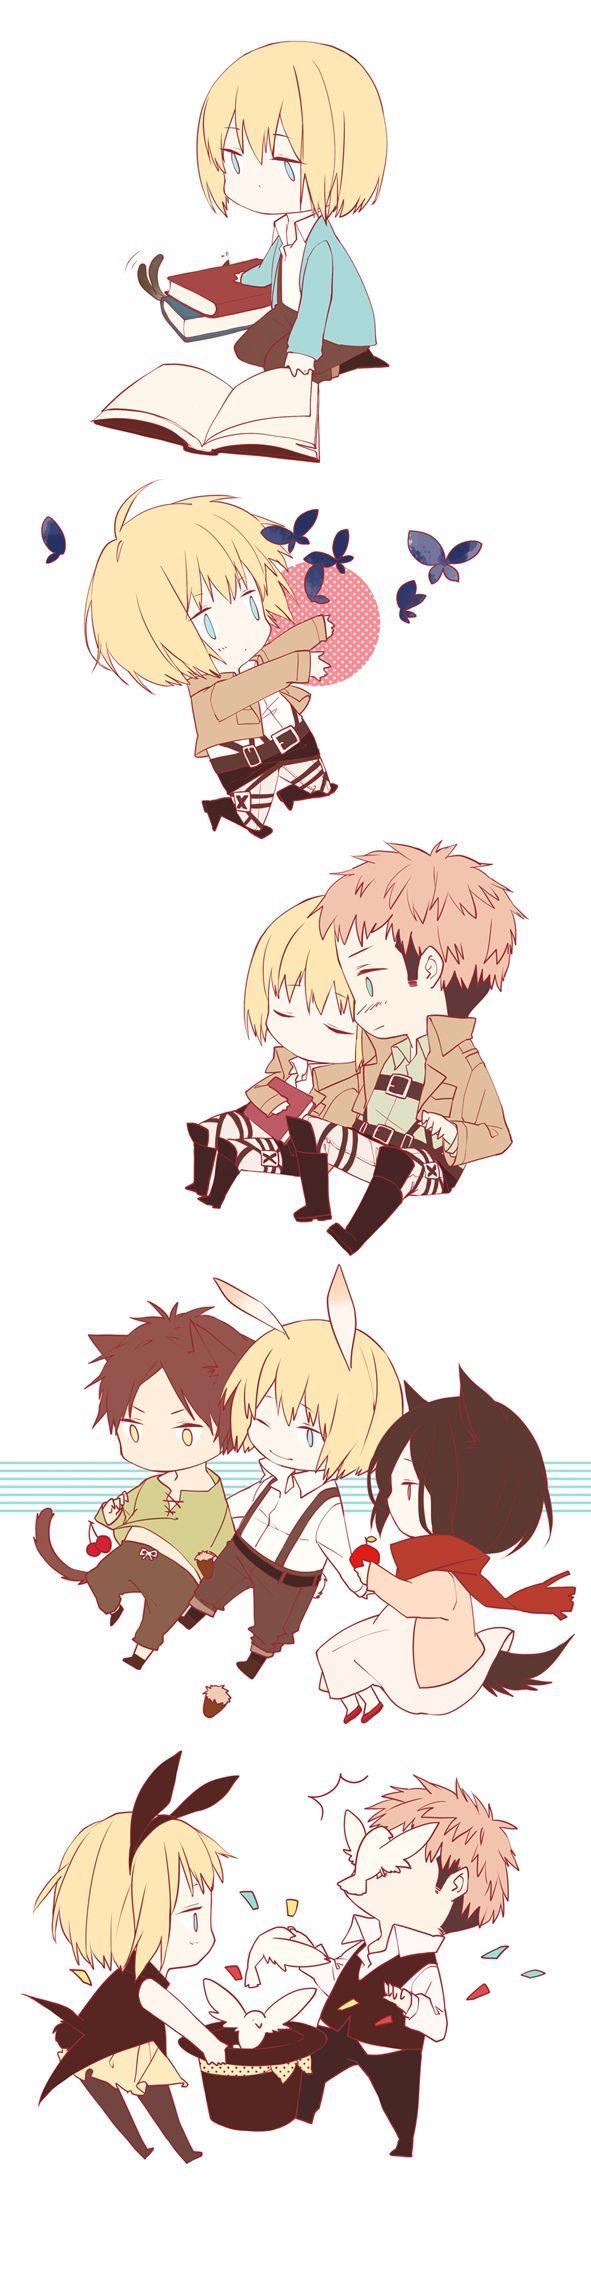 Armin in The Wonderland